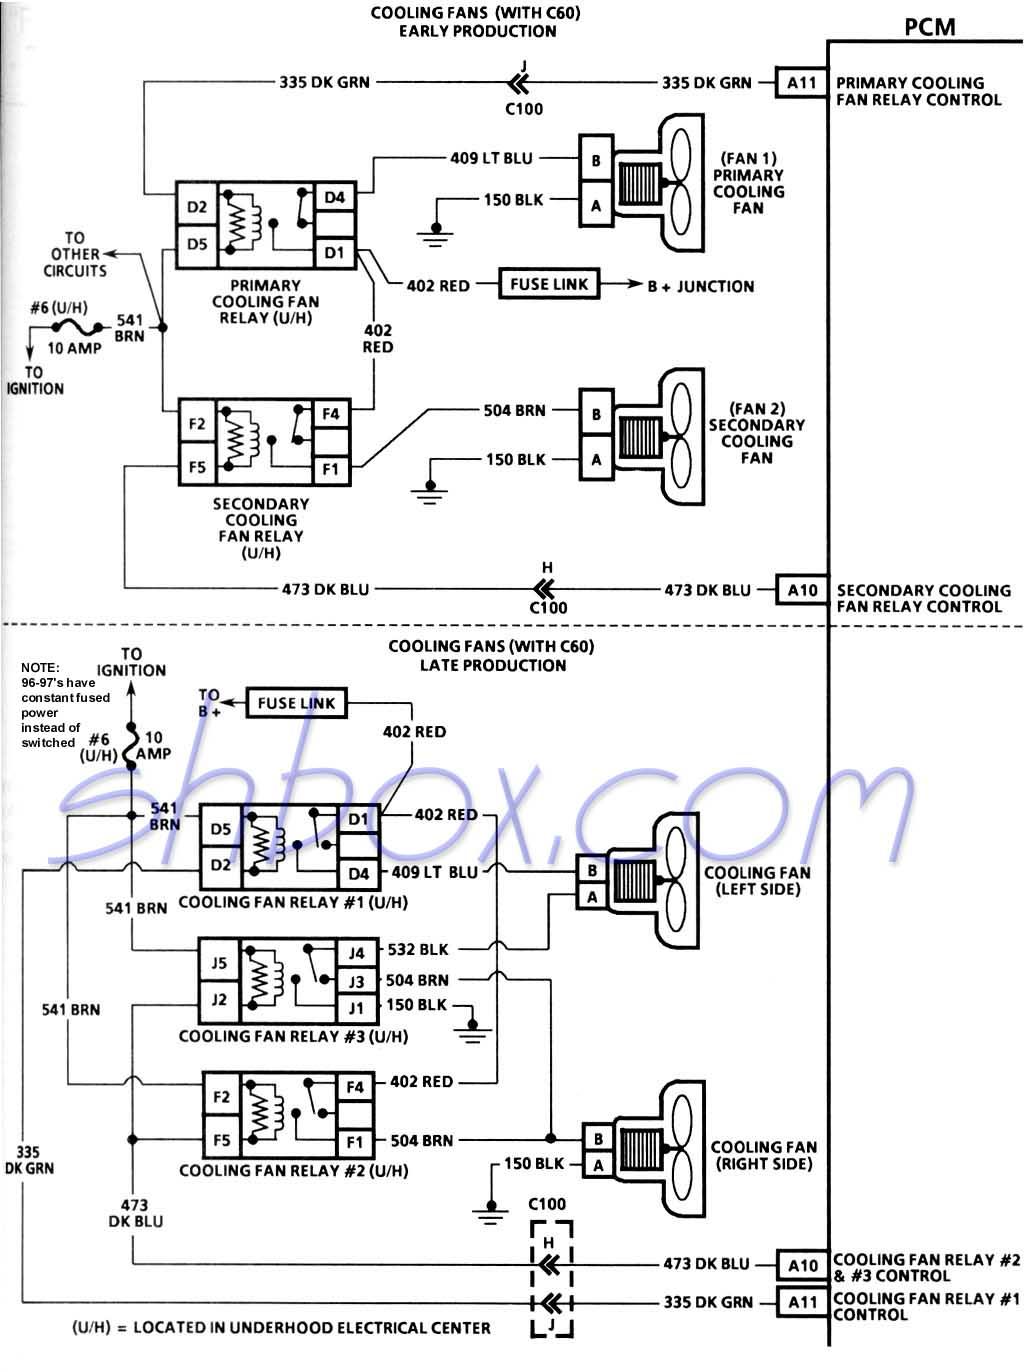 4Th Gen Lt1 F-Body Tech Aids - Fan Wiring Diagram